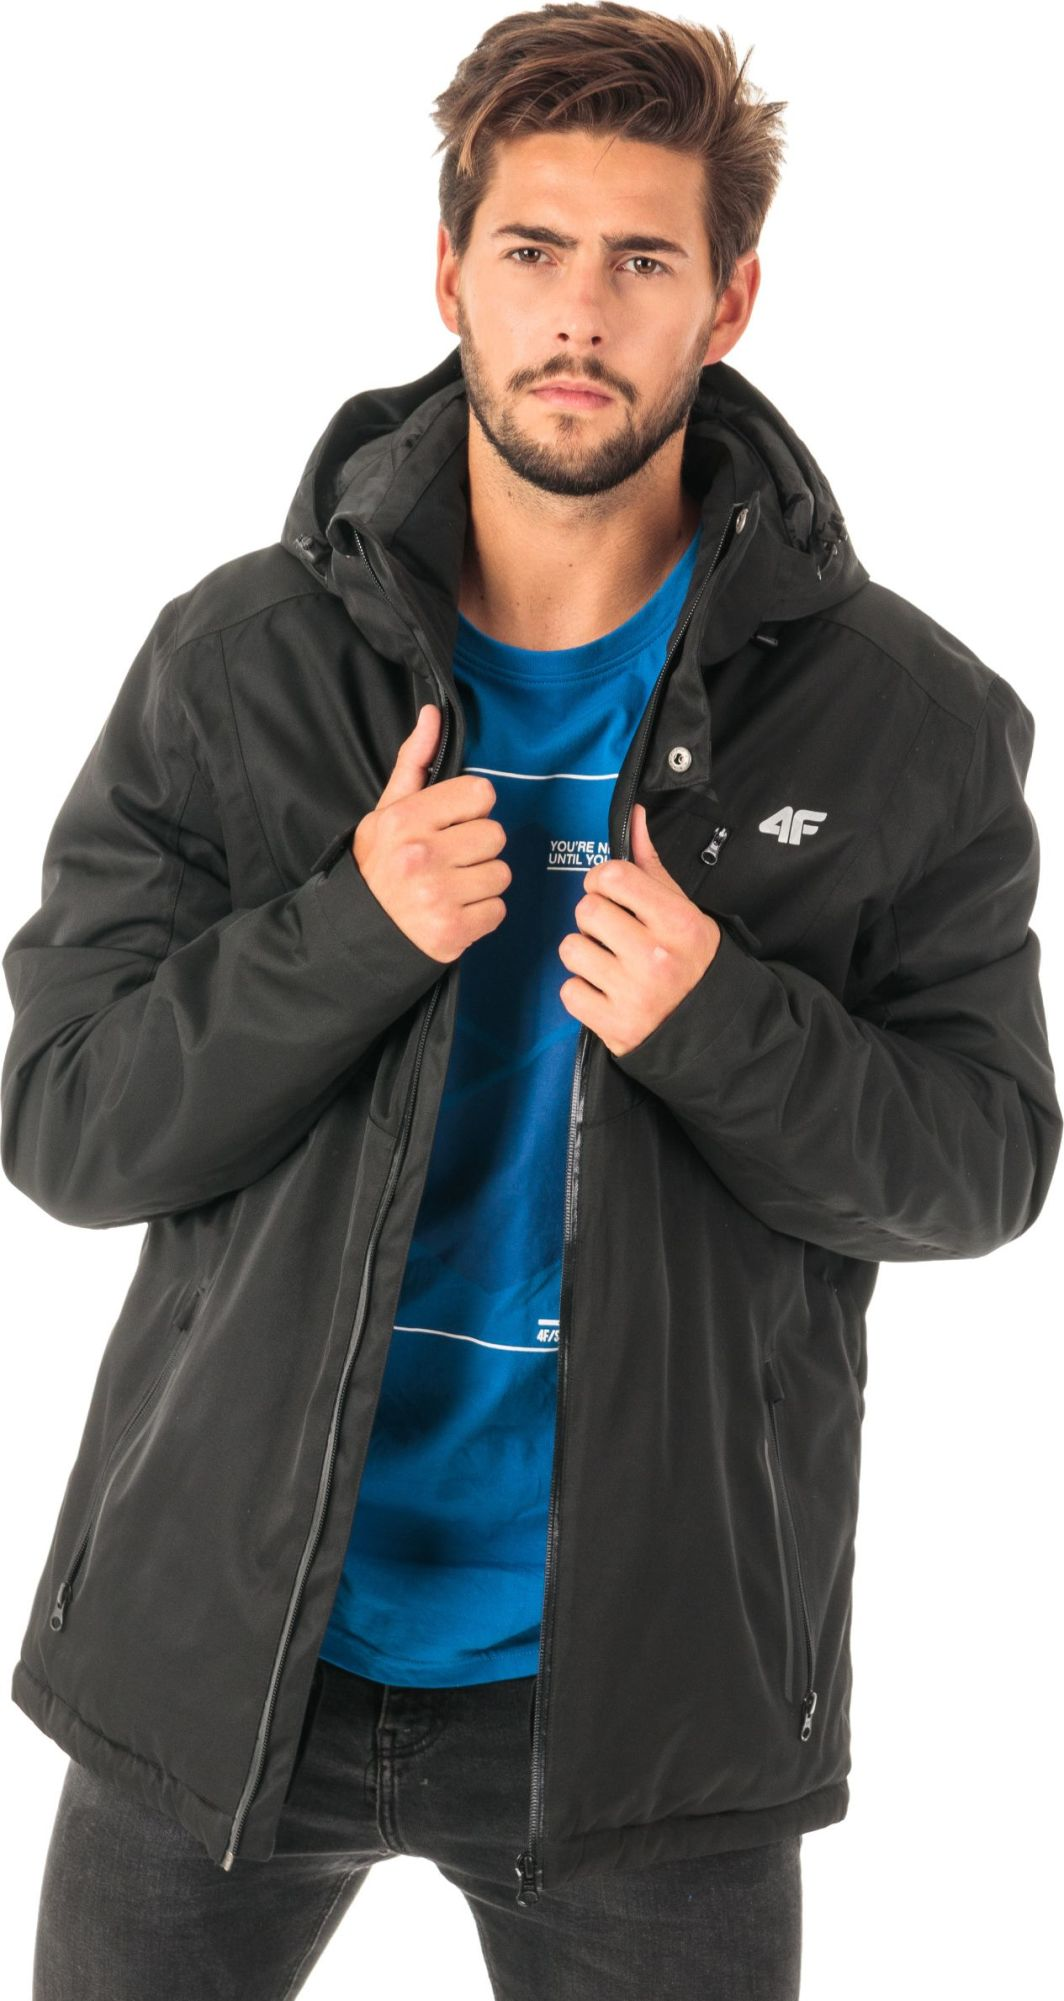 4f kurtki męskie zimowe 2016 kolekcja specjalna